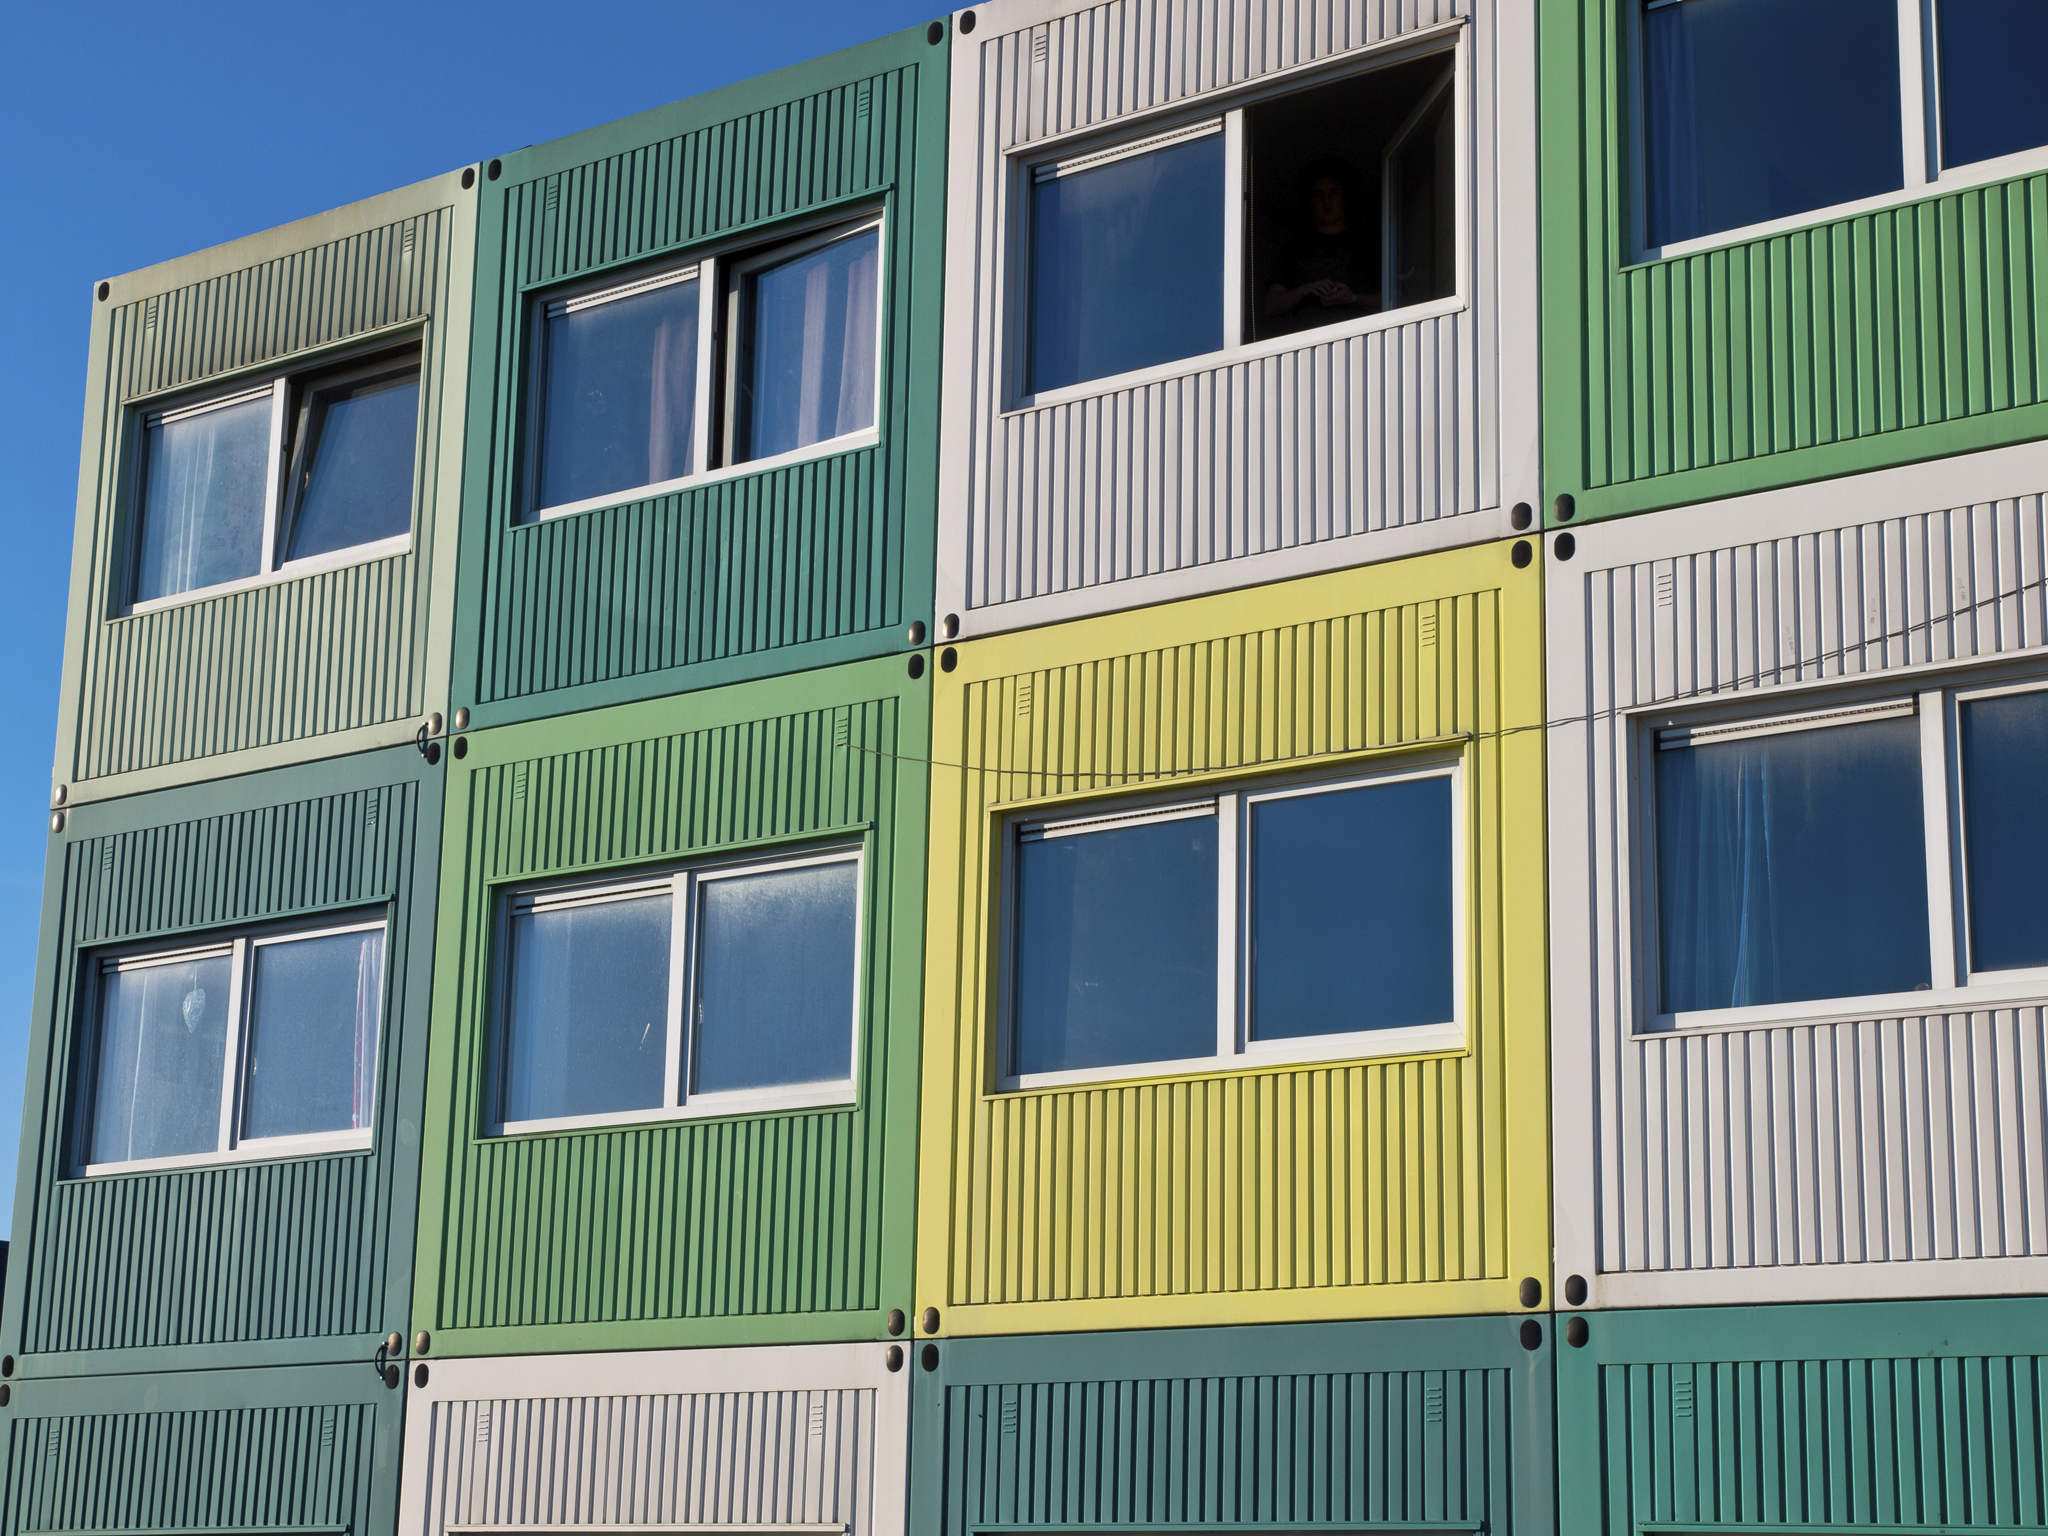 Maison conteneur cl en main notre socit soutient dlais de ralisation maiso - Combien coute une maison container ...